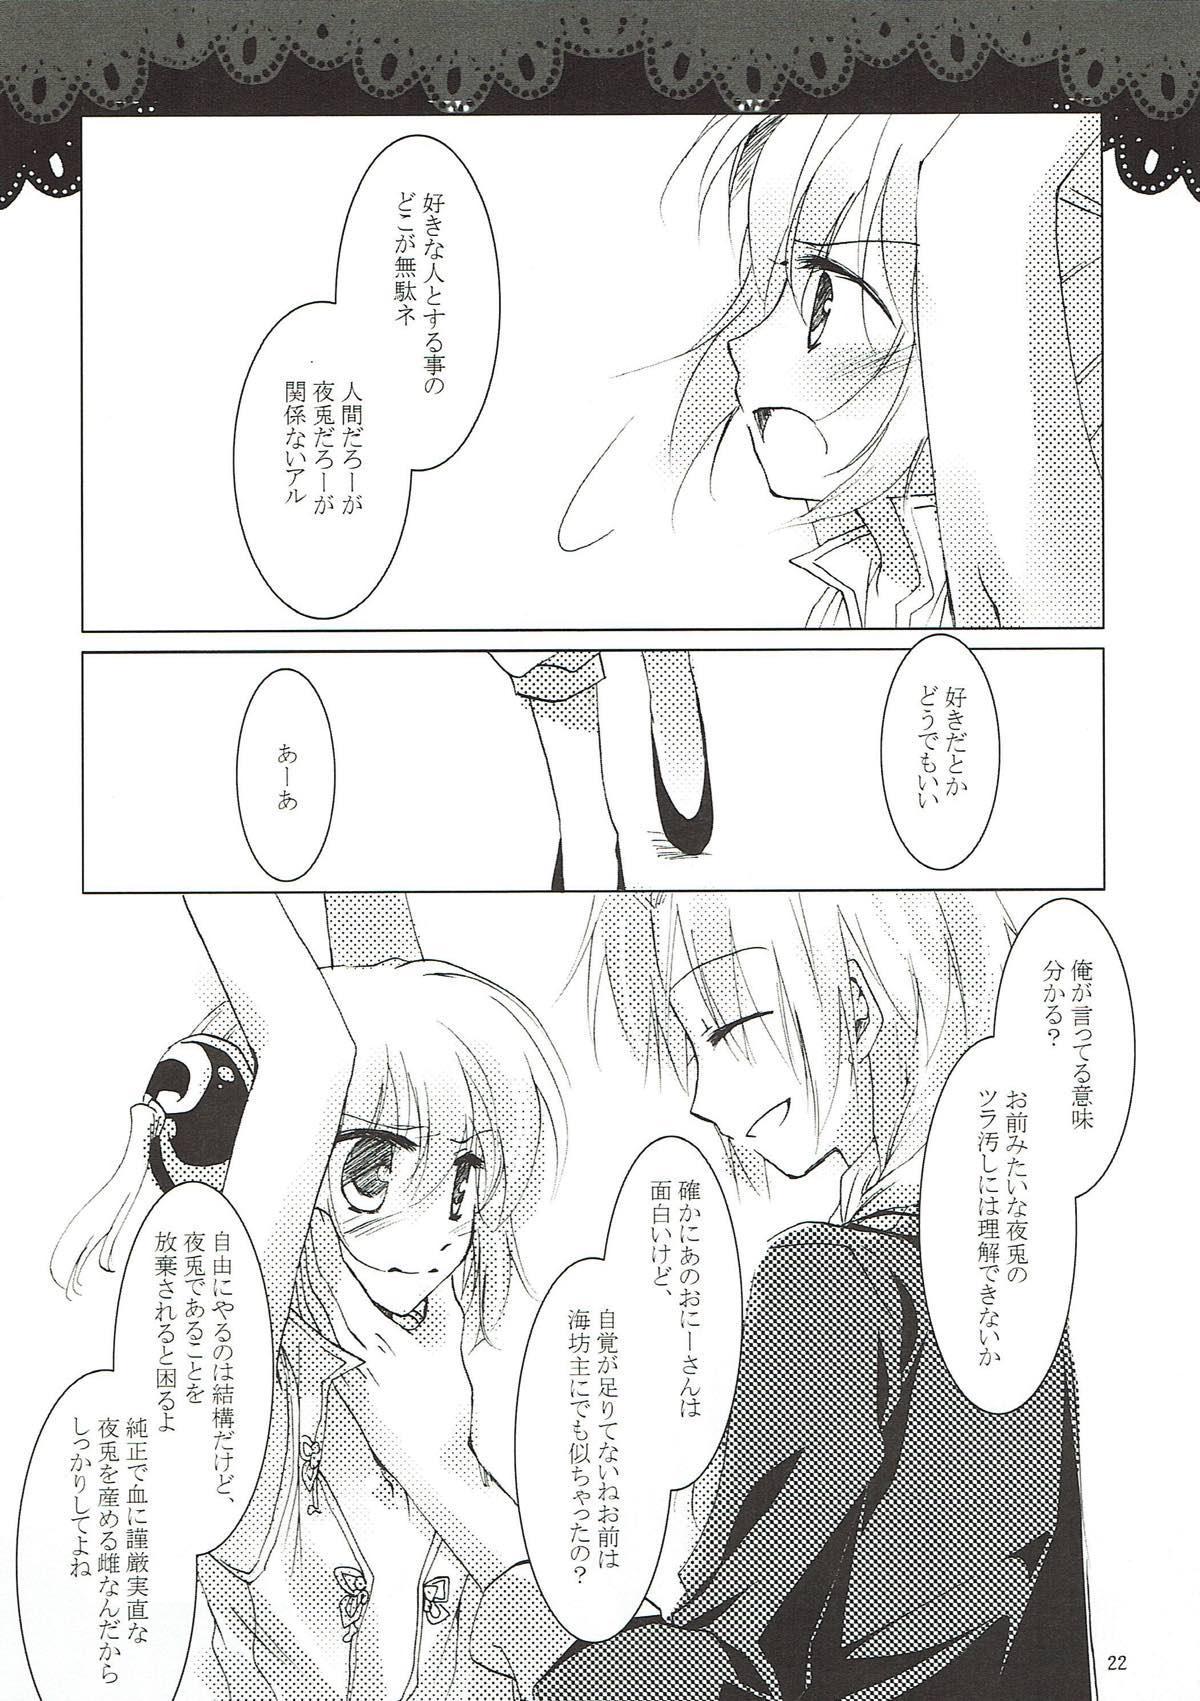 Kageriyuku Tsuki ni, Kuchizuke o. 19